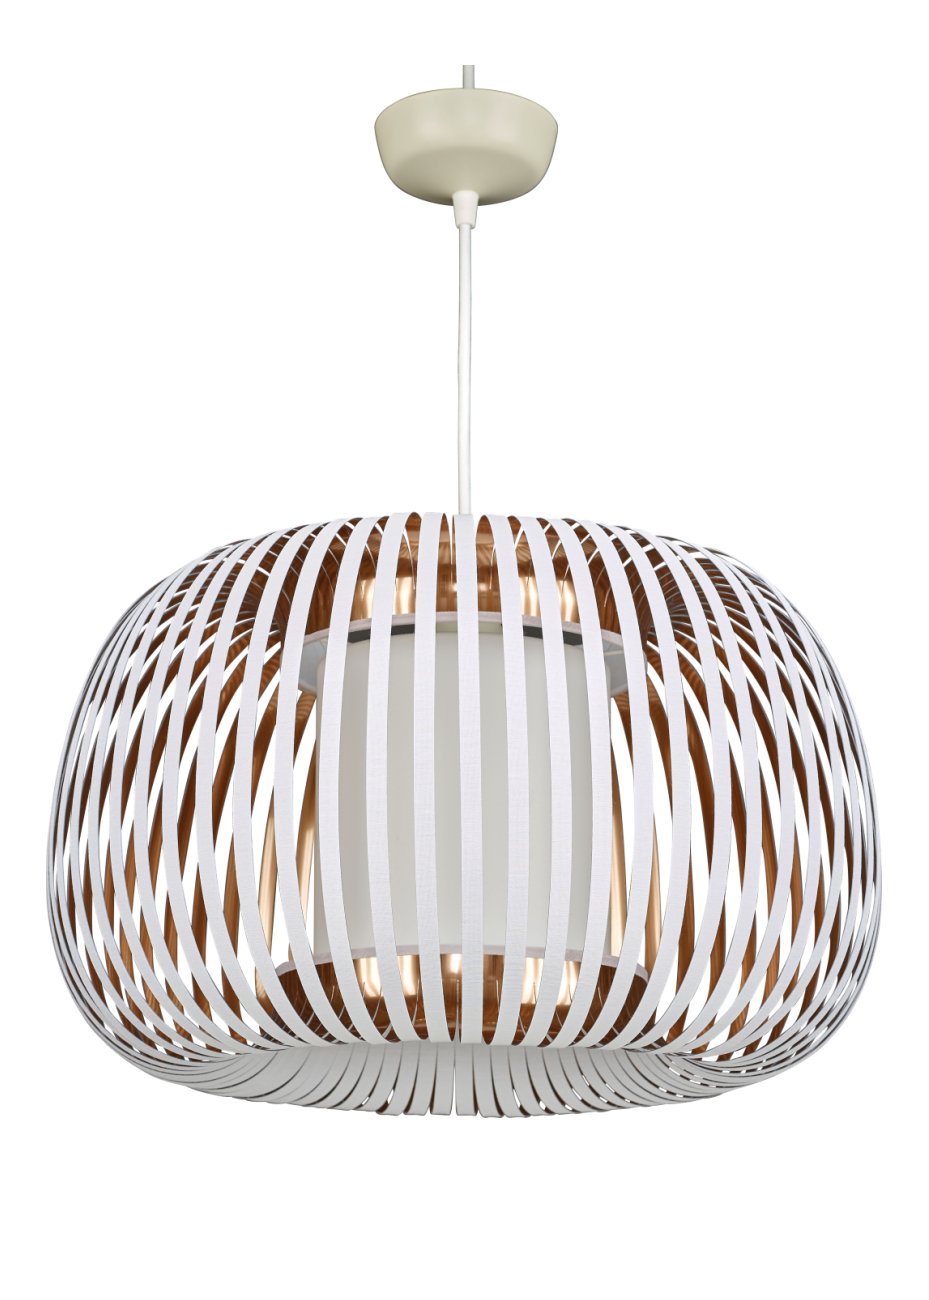 Ichigo abat jour pour suspension blanc et cuivre en pvc ichigo abat jour pour suspension blanc et cuivre en pvc habitat mozeypictures Image collections